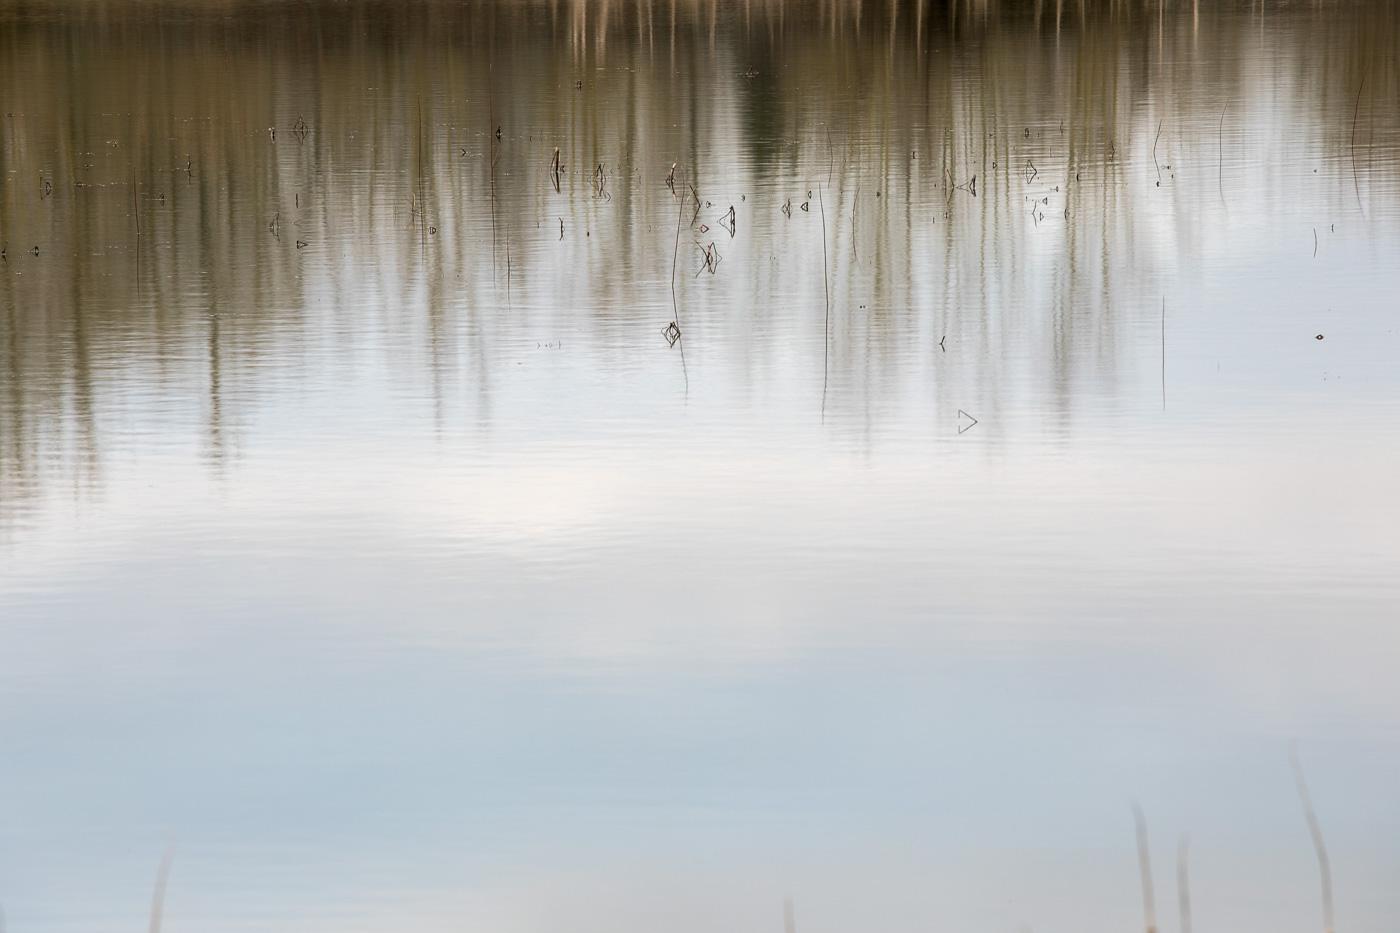 luc vanhalewyck - landschap zonder horizon